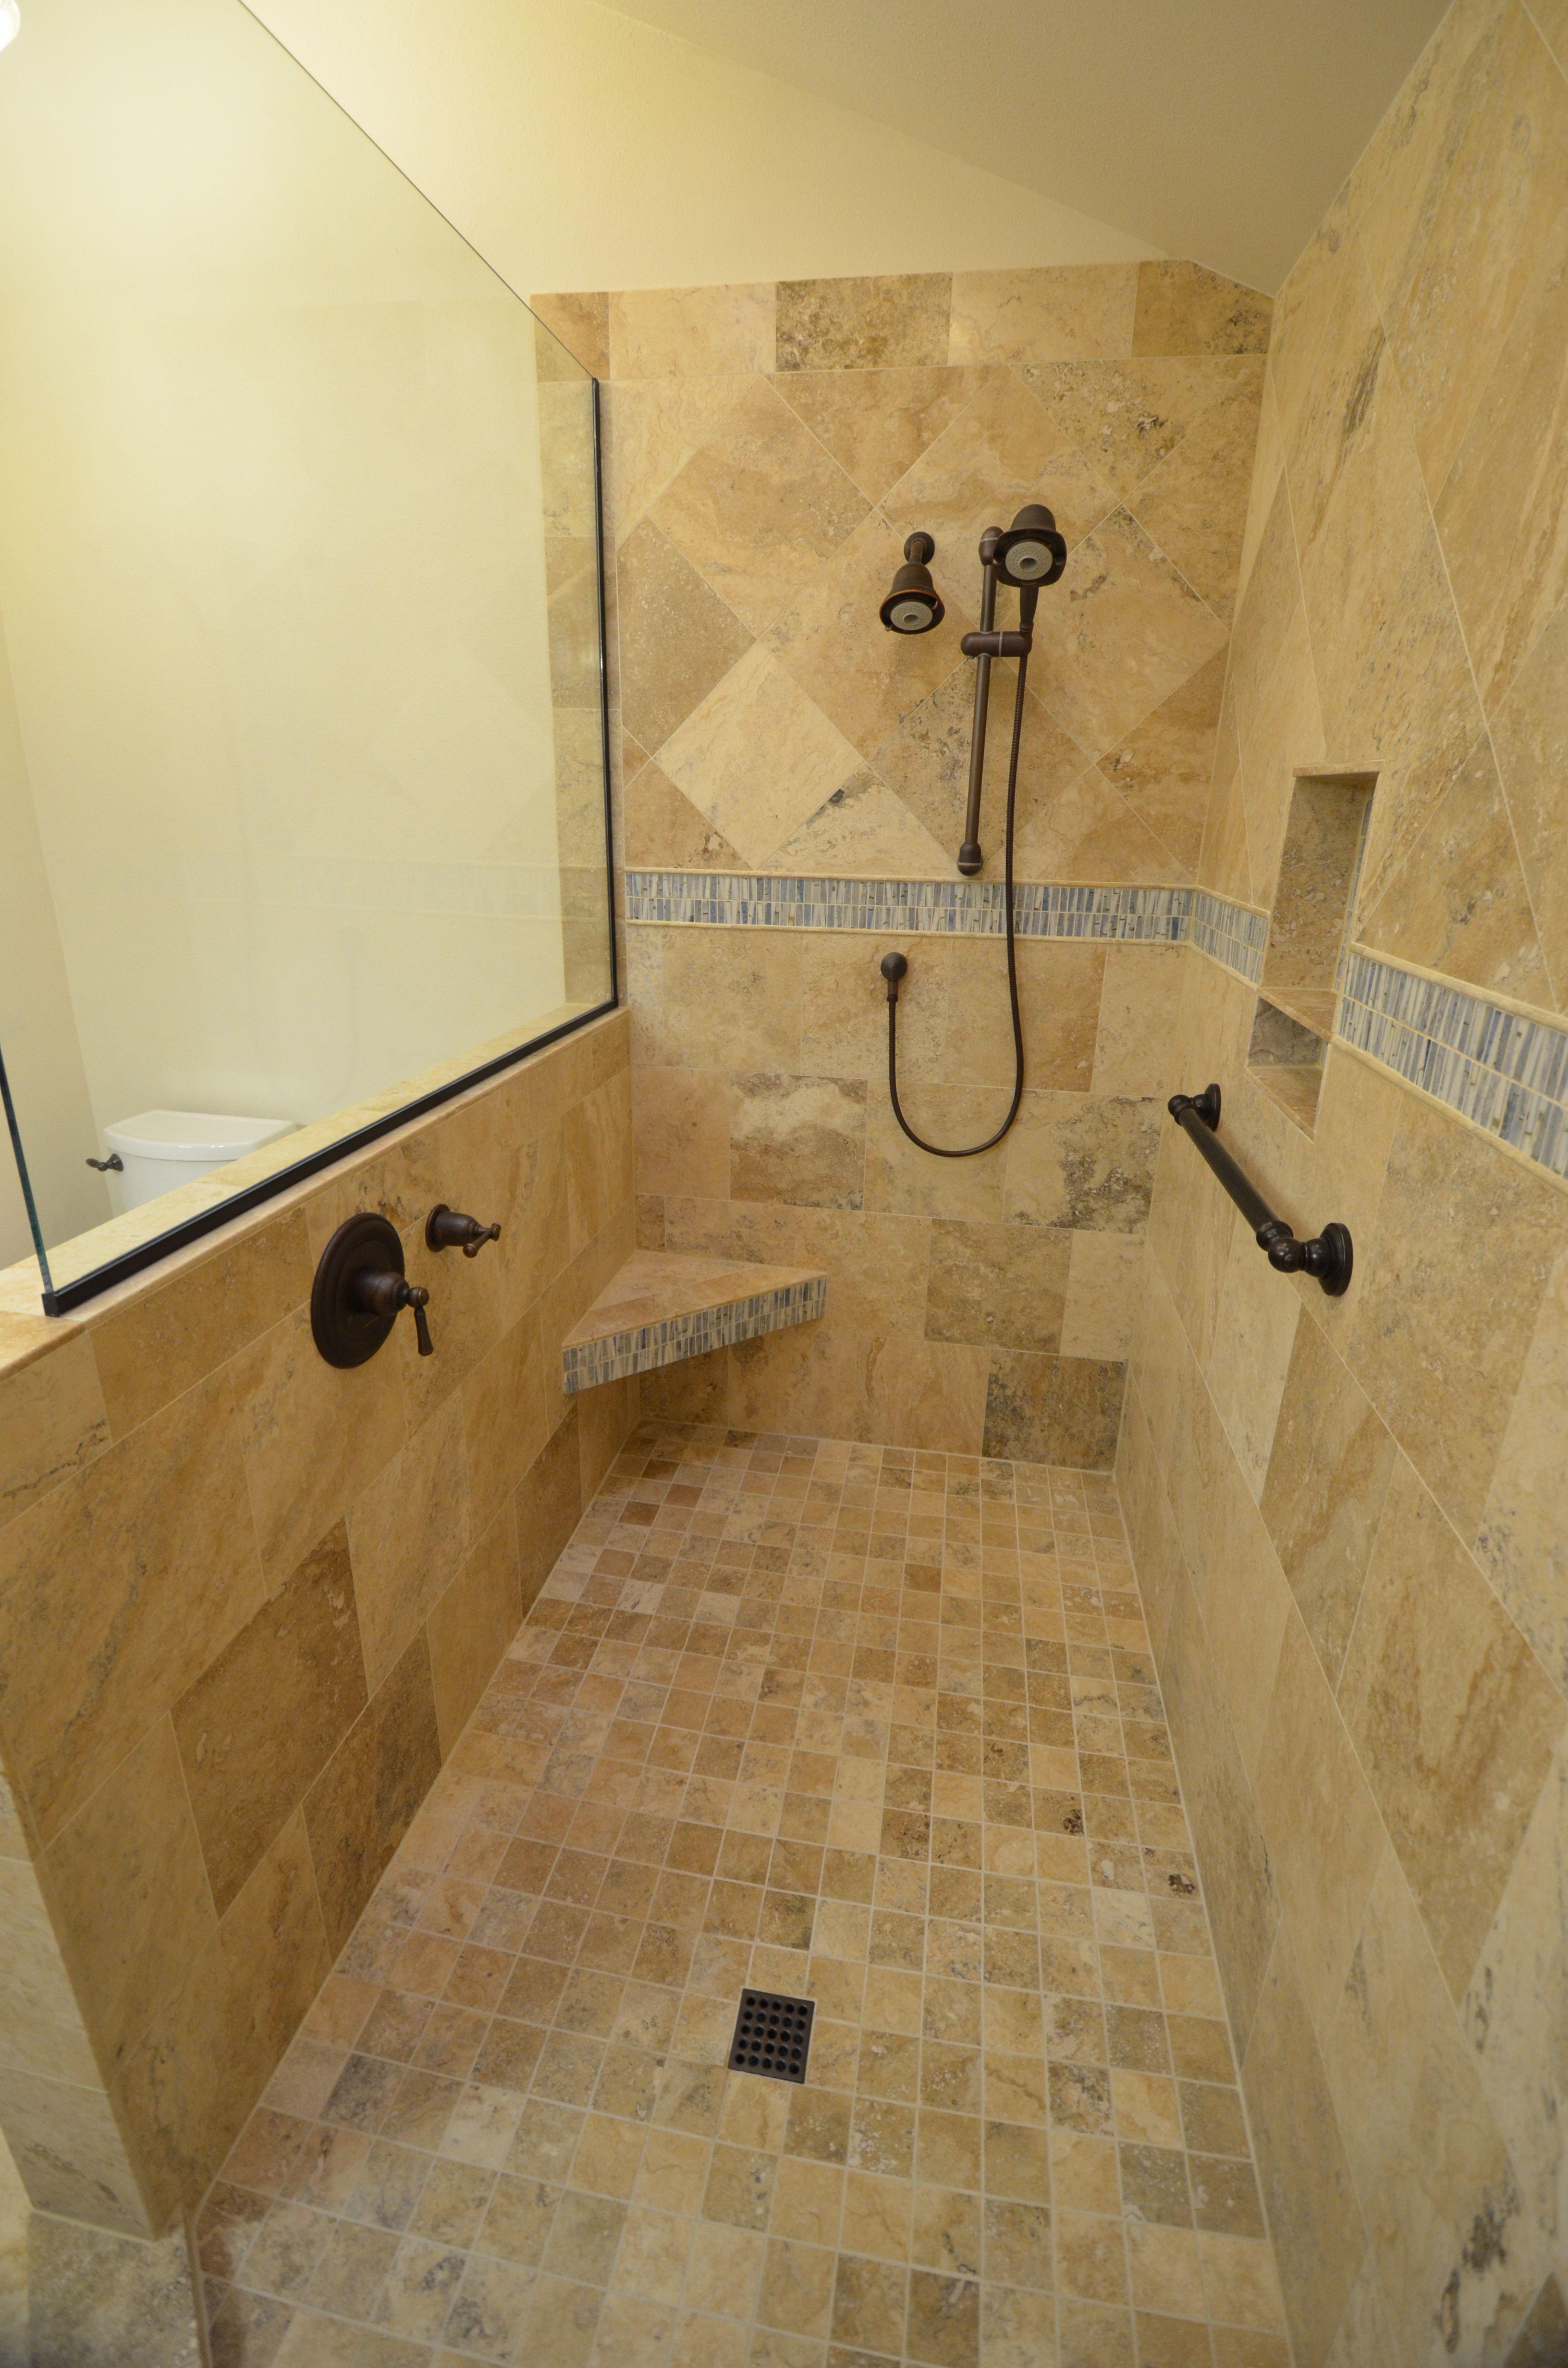 Doorless Shower Doorless Shower Showers Without Doors Doorless Shower Design